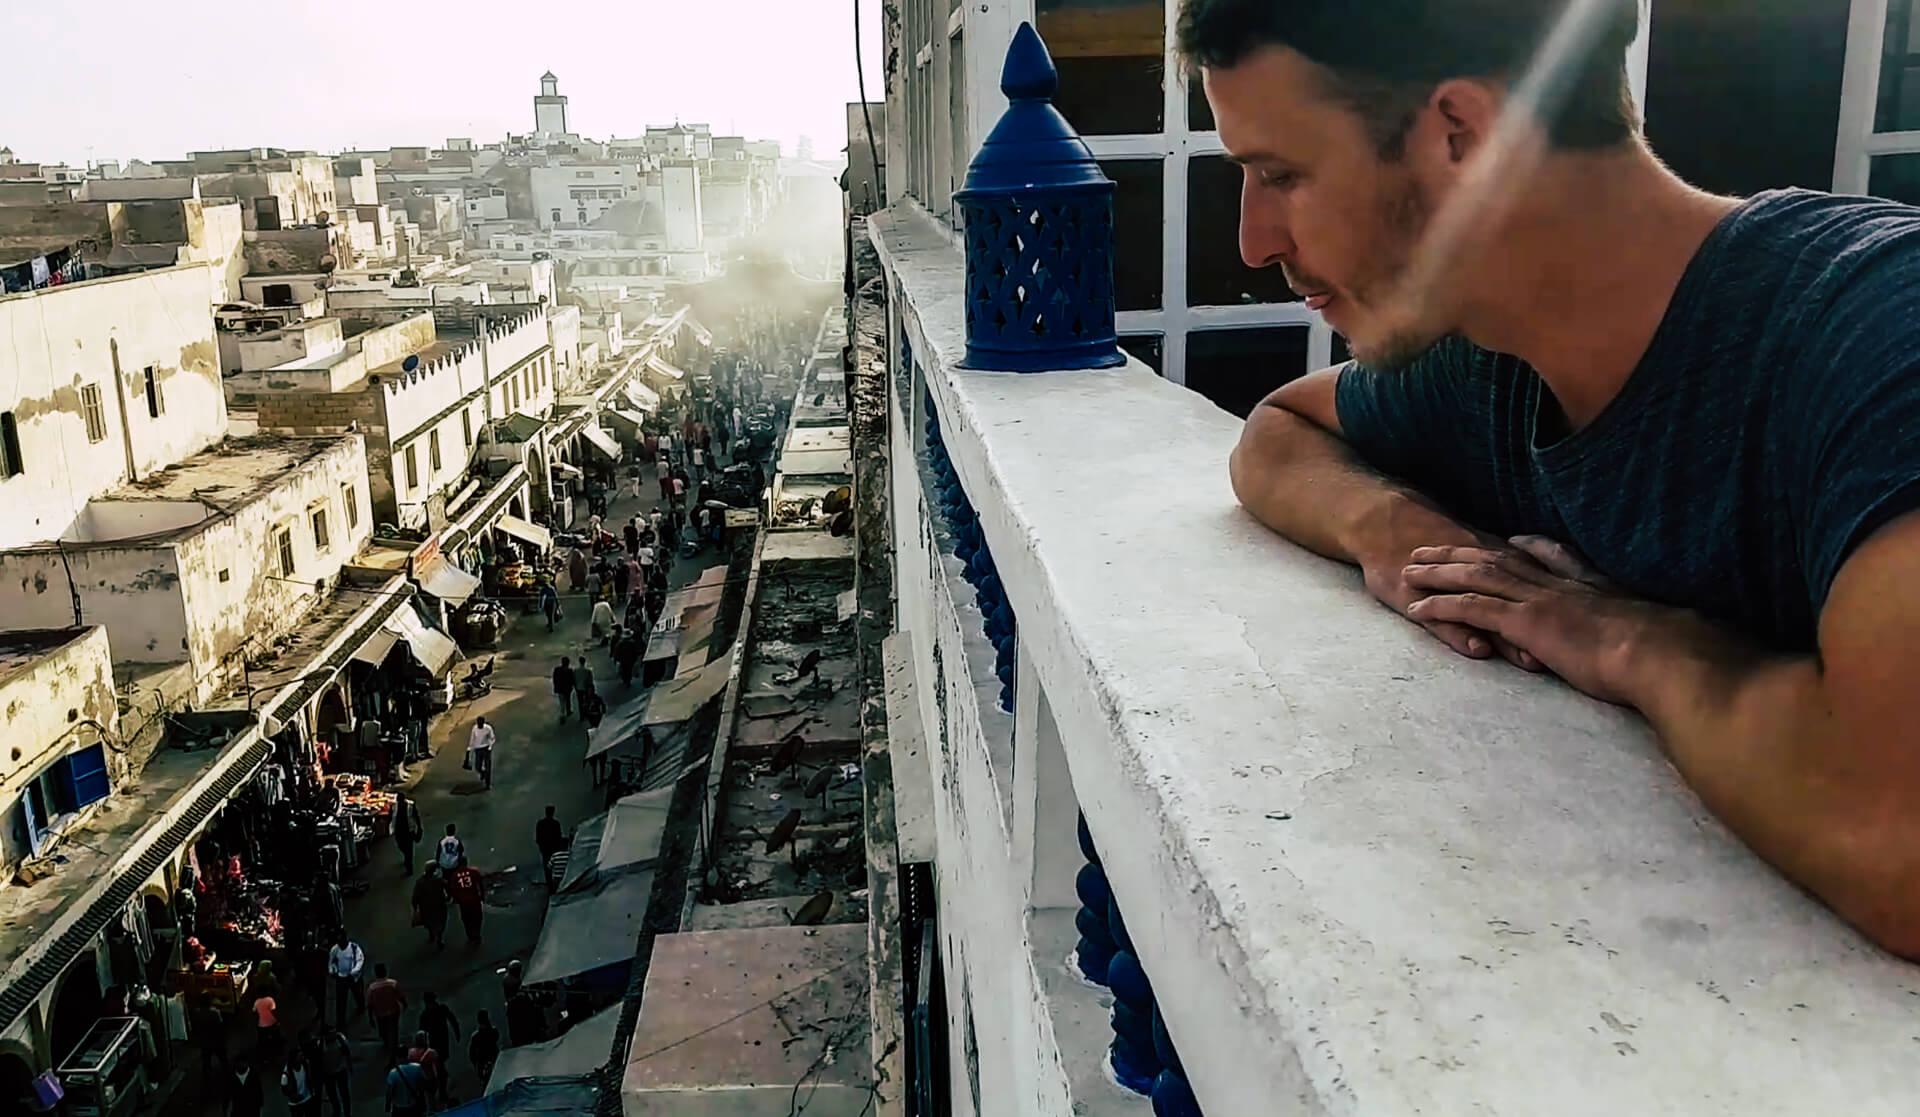 Les ruelles d'Essaouira